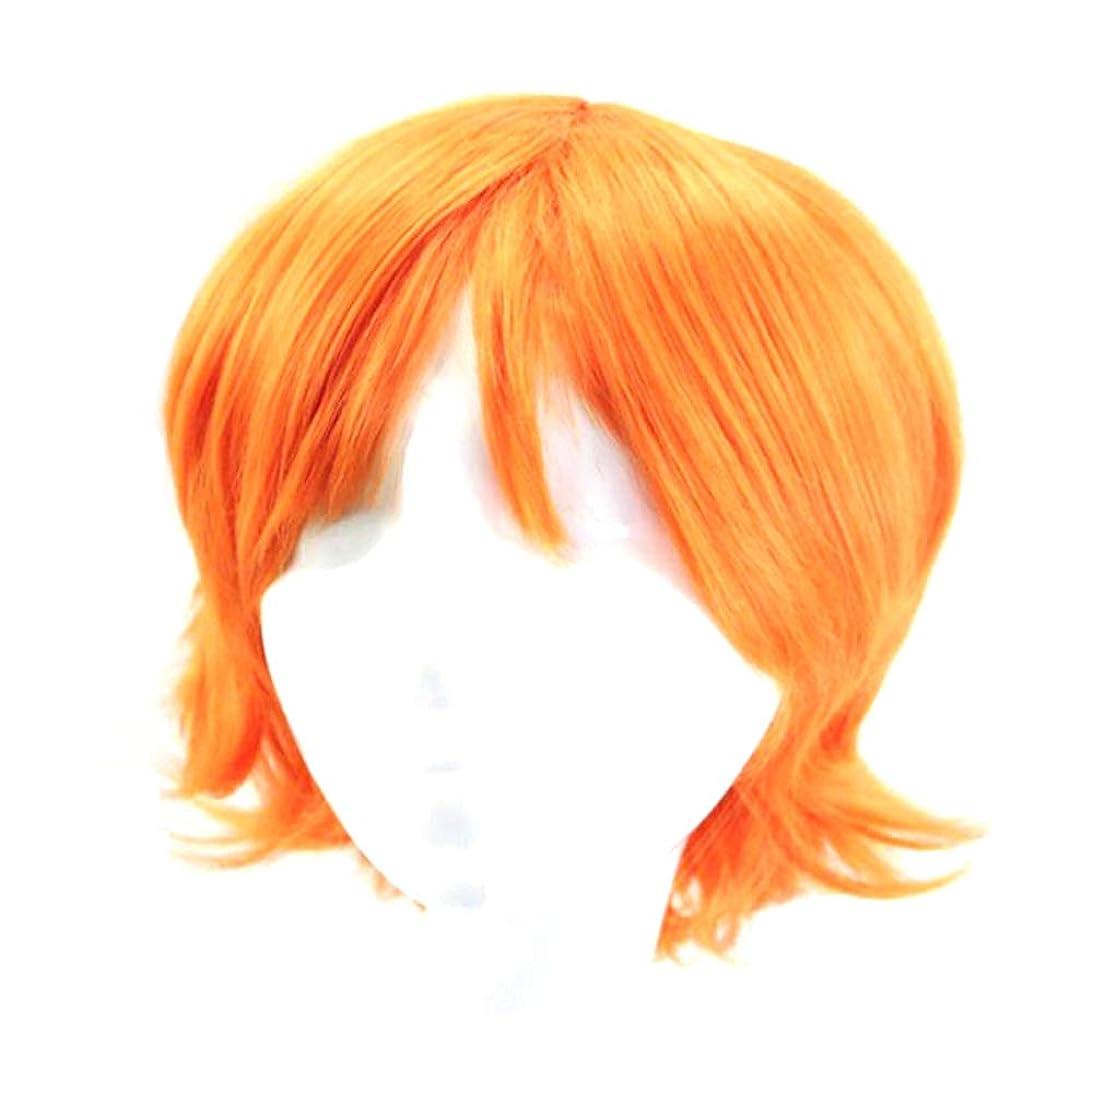 磁器哲学的シフトウィッグ - ファッションショートストレート高温シルクウィッグ自然耐熱ボールコスプレハロウィーン30cmオレンジ (色 : Orange, サイズ さいず : 30cm)